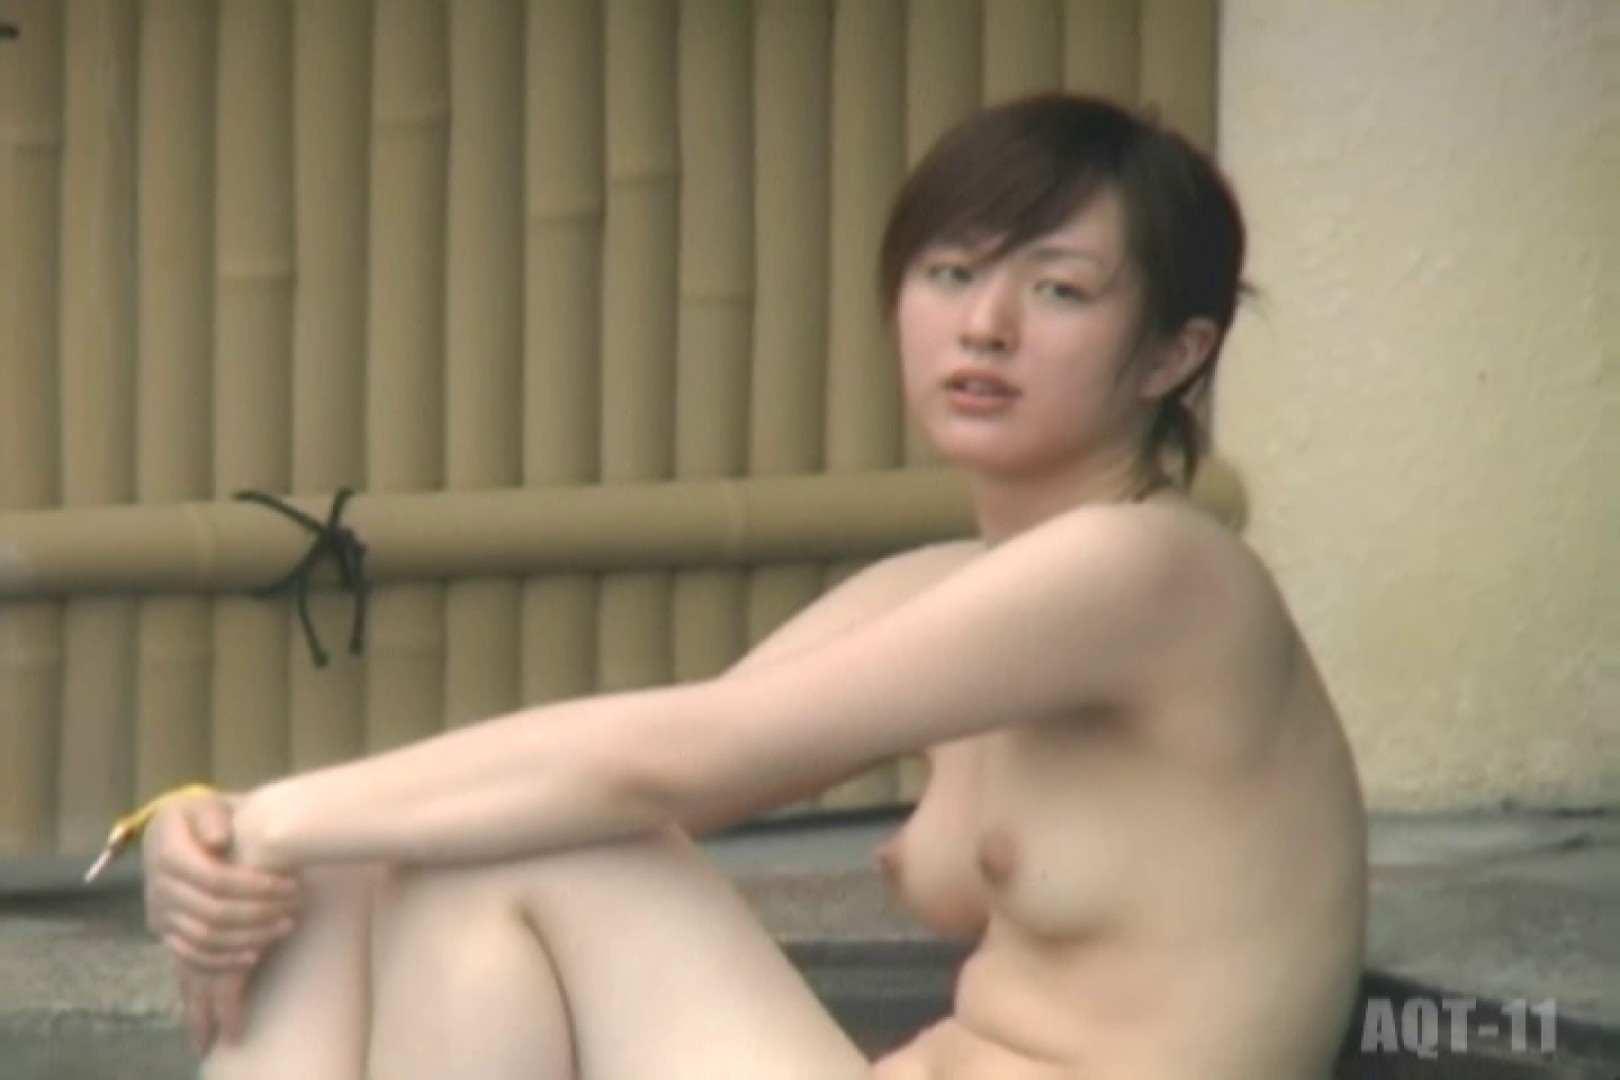 Aquaな露天風呂Vol.798 OL女体 | 女体盗撮  107連発 37